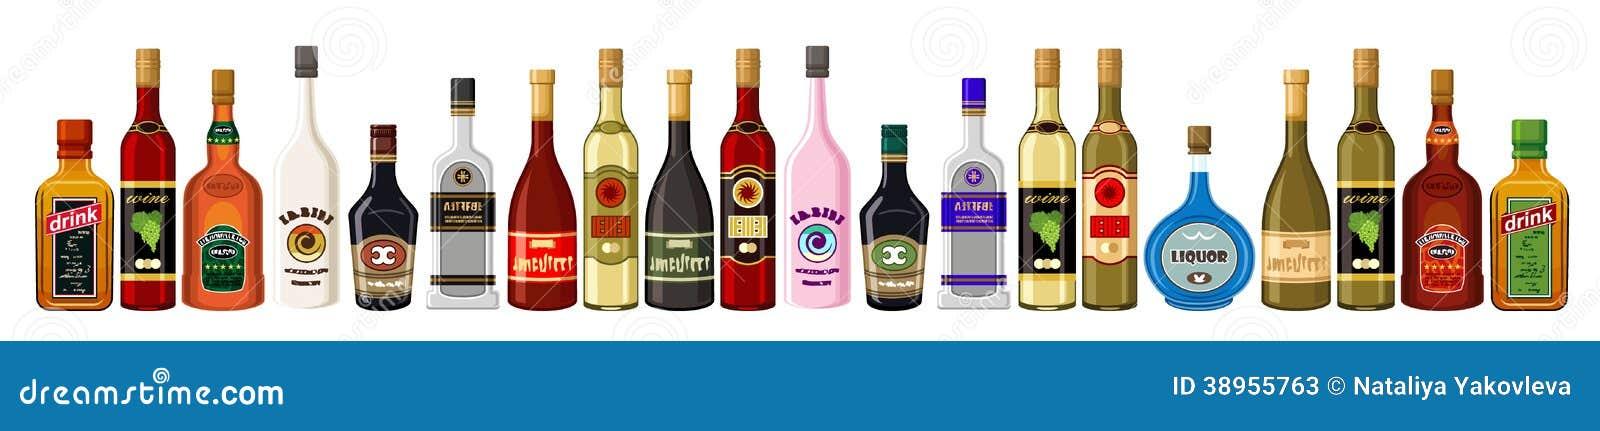 Alkoholische Getränke Der Fahne. Vektor Abbildung - Illustration von ...